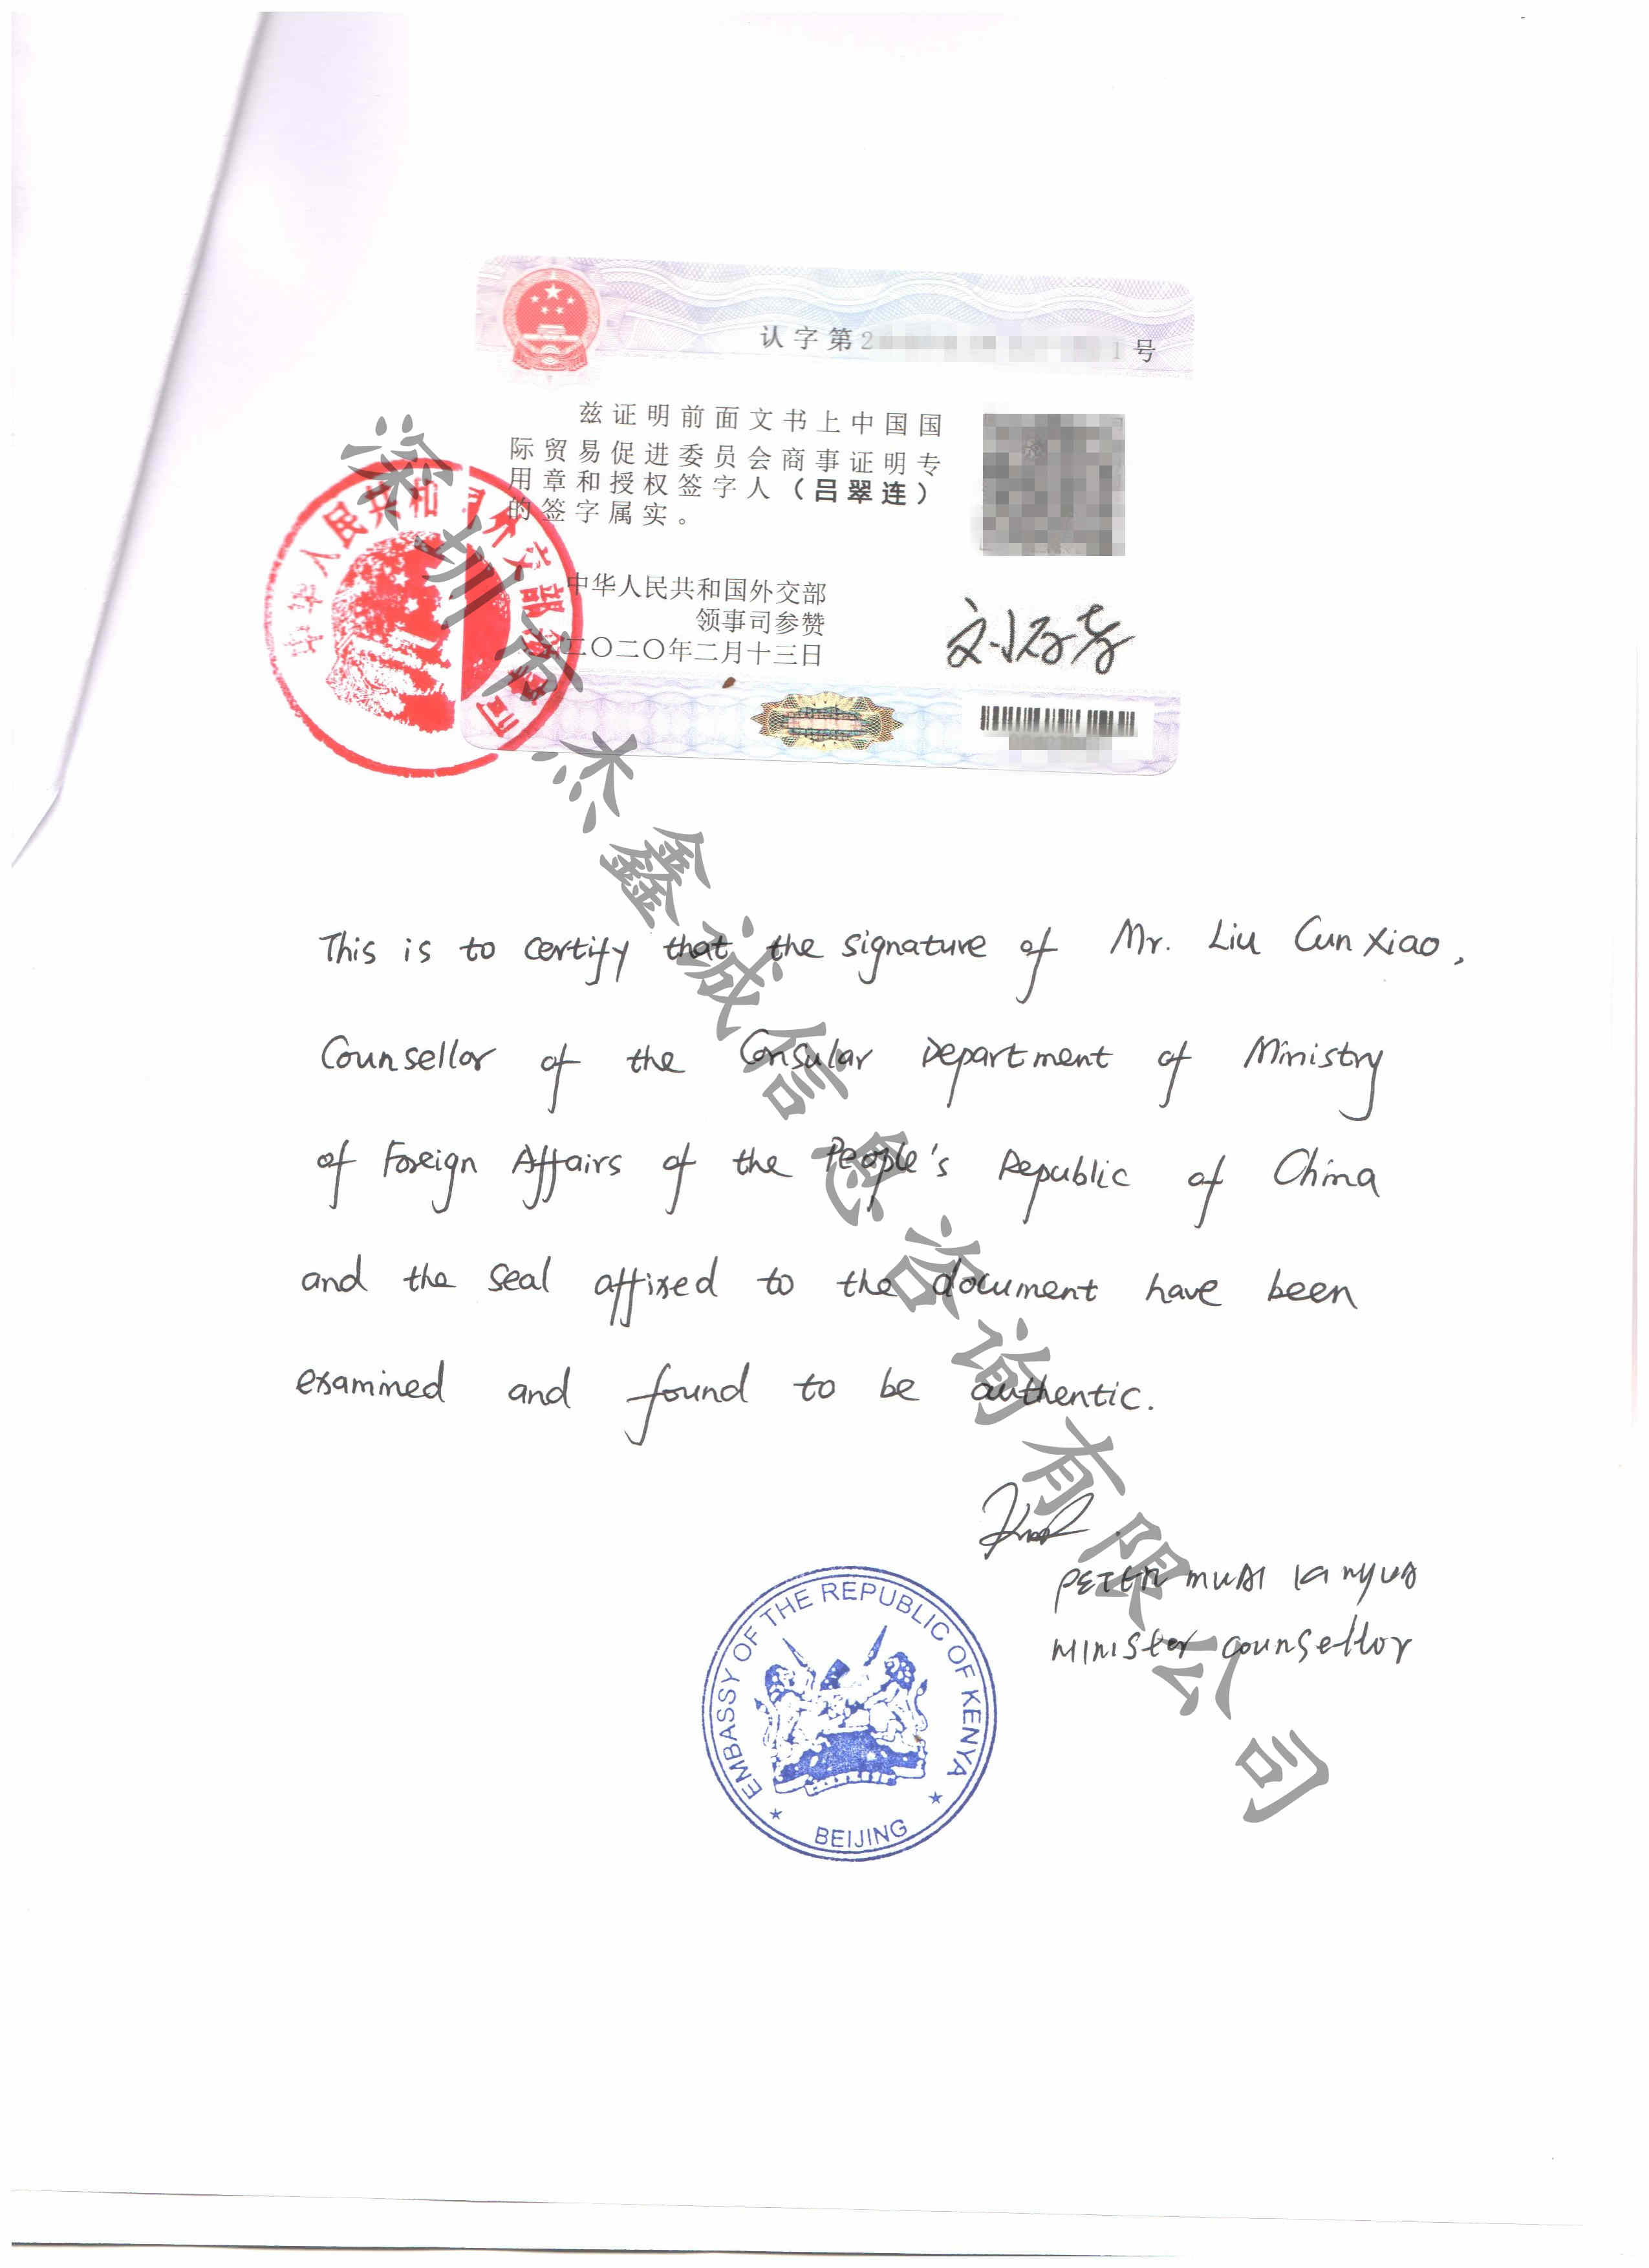 北京外交部认证电话_肯尼亚领事认证医疗器械产品出口销售证明_CCPIT加签|领事馆加签 ...